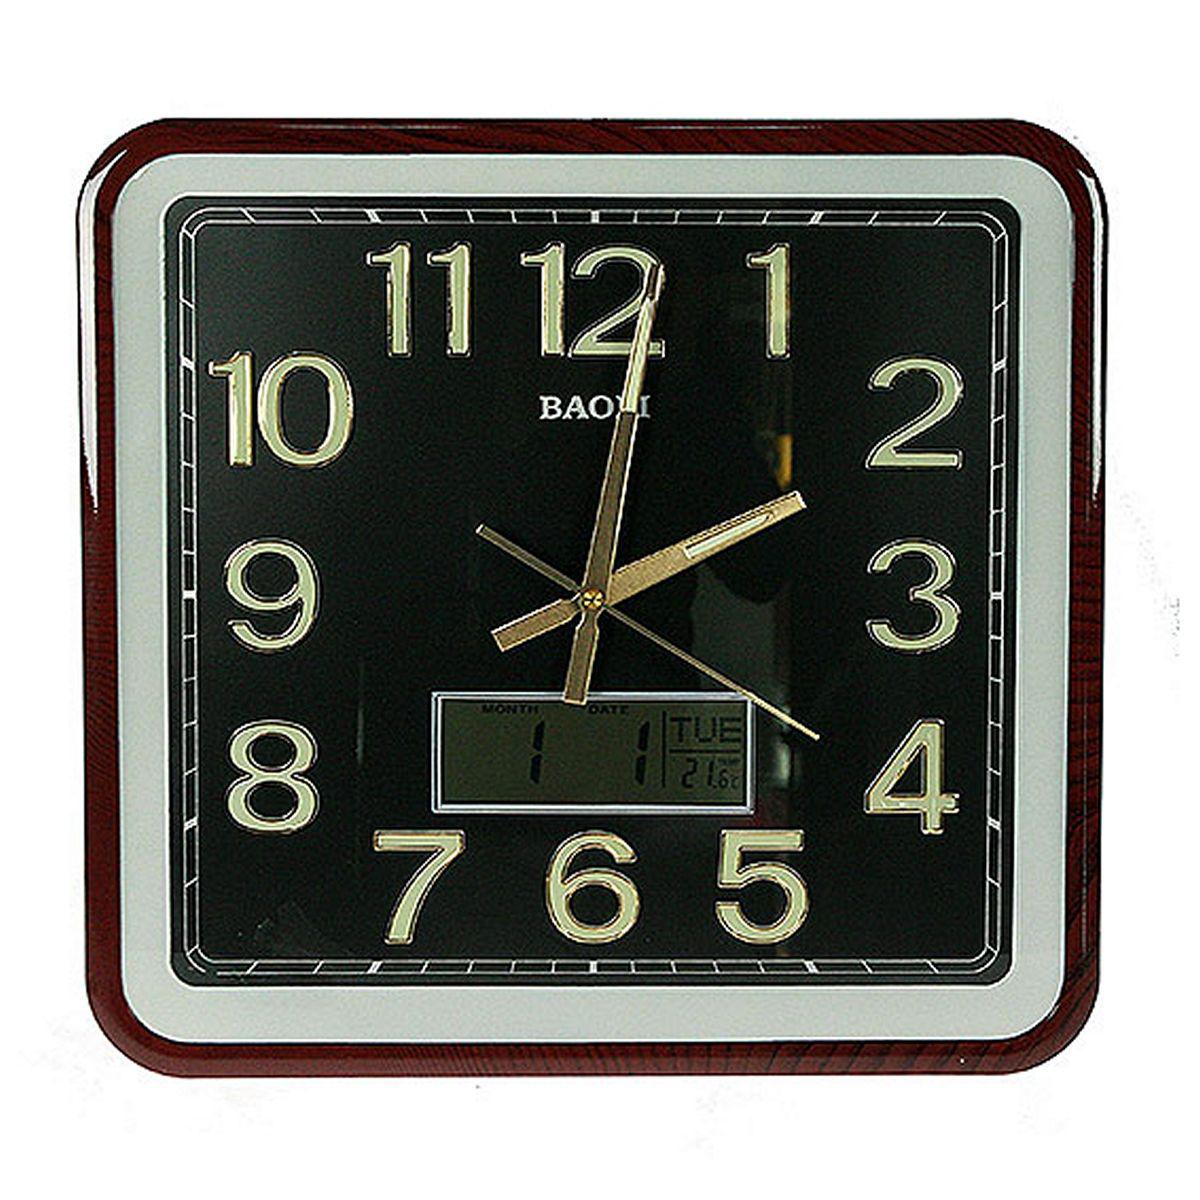 Часы настенные Русские Подарки, с календарем, термометром, электронными часами, 39 х 42 см. 148126148126Настенные часы Русские подарки прекрасно украсят интерьер любой комнаты. Корпус часов выполнен из прочного пластика. В часы встроены дополнительные функции: календарь, термометр и электронные часы.Такие часы станут отличным подарком для друзей и близких.